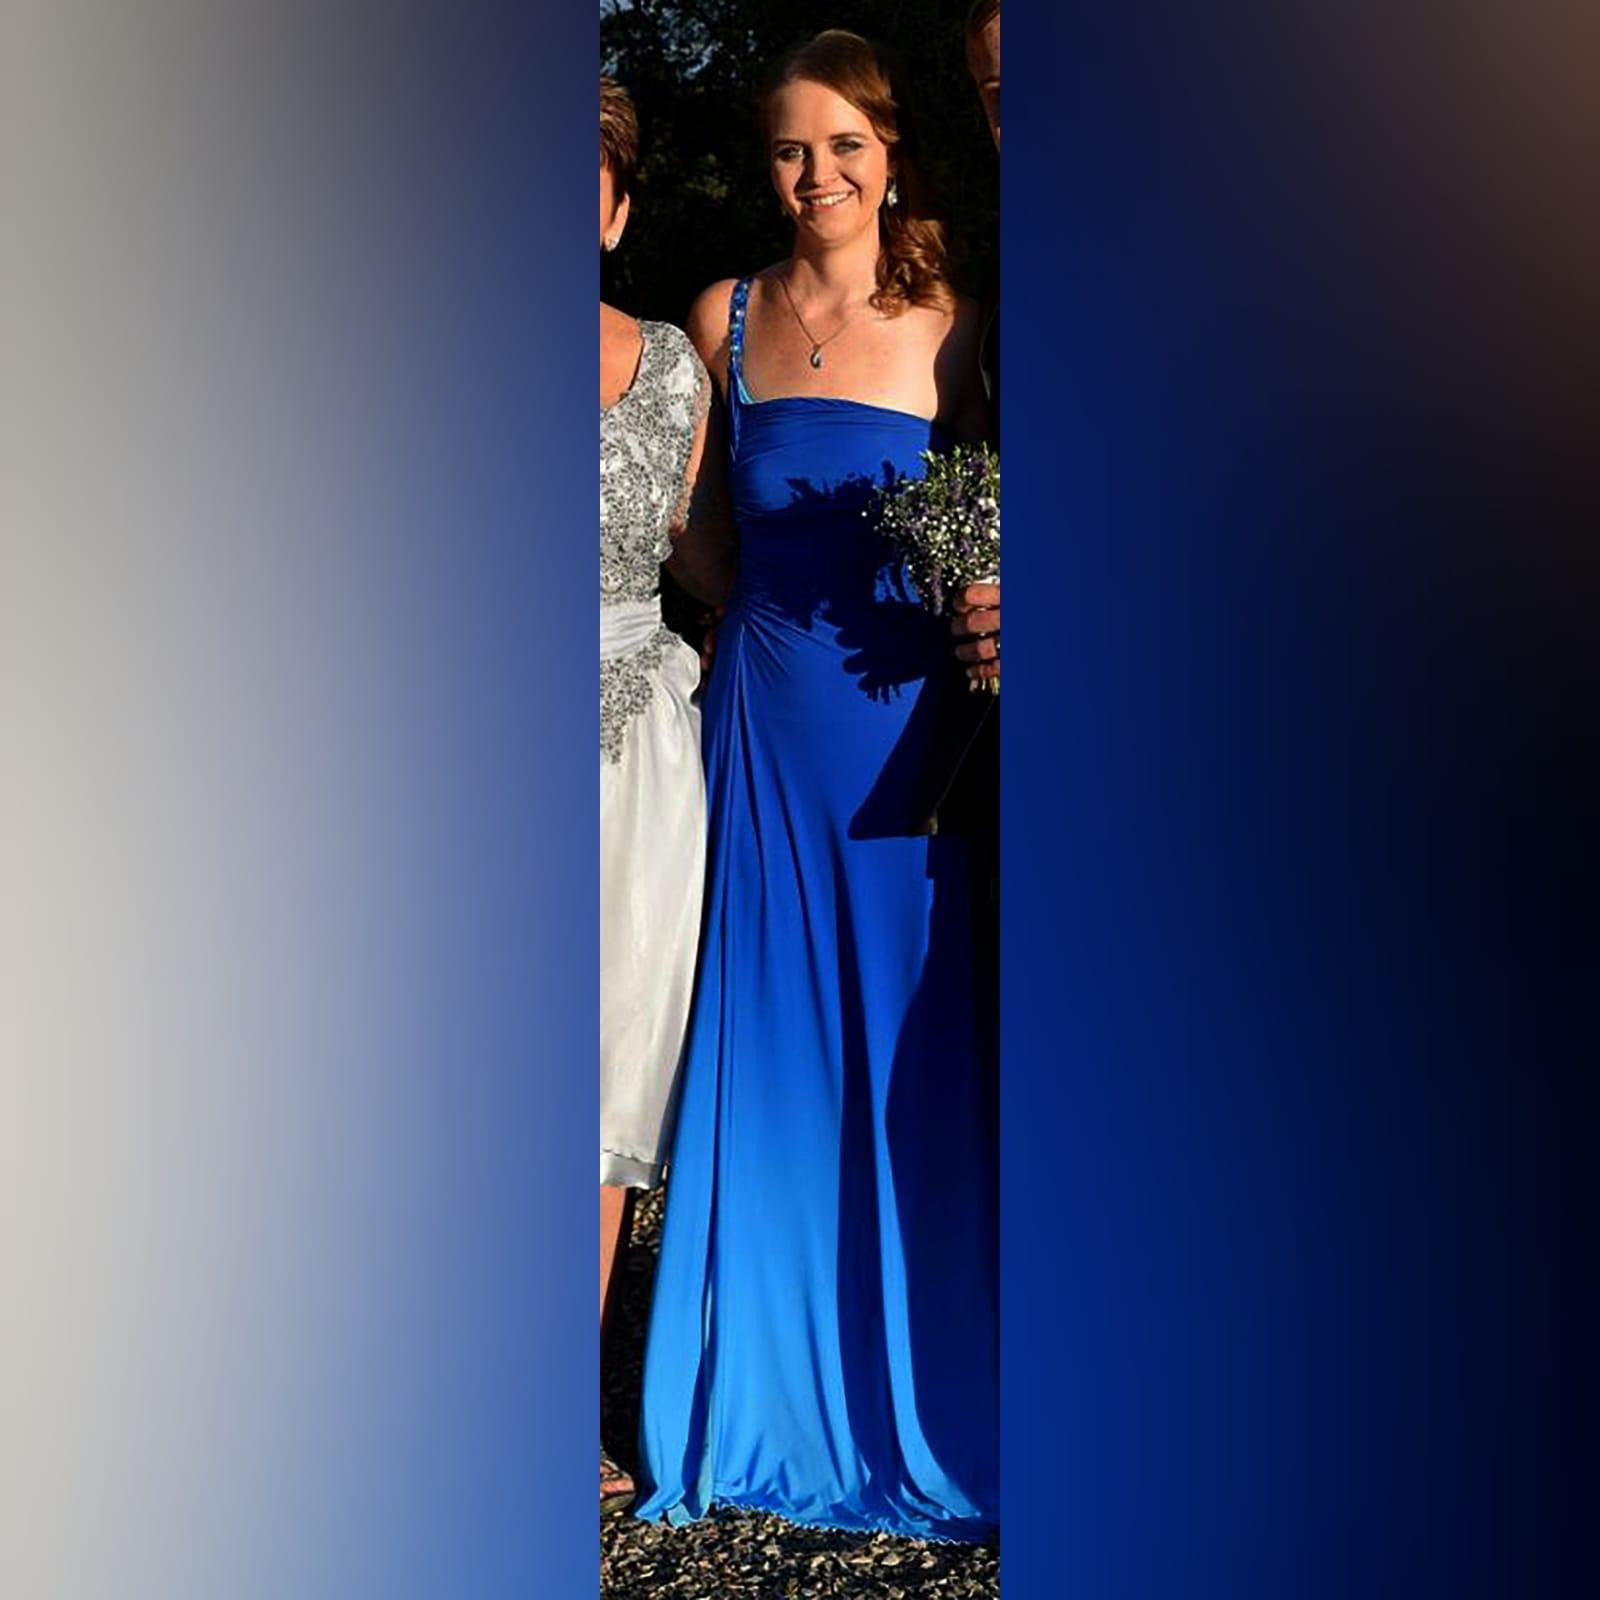 Vestido de dama de honra em sombra de azul 1 vestido de dama de honra em sombra de azul, com um único ombro com talões